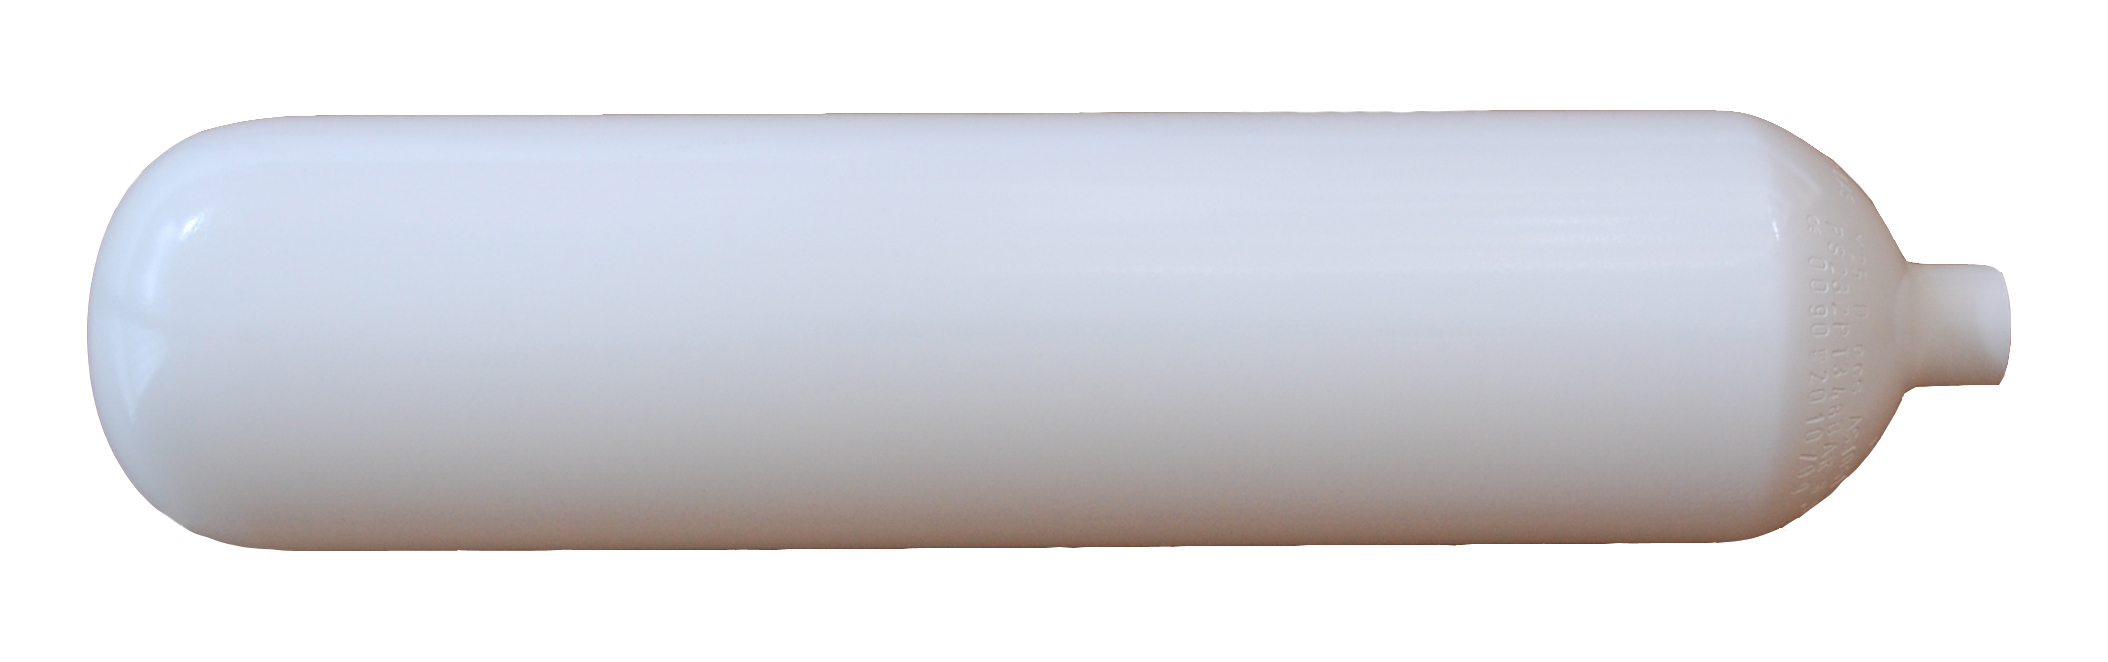 POLARIS - Tauchgerät 300Bar Stahlflasche ohne Ventil+Fuß